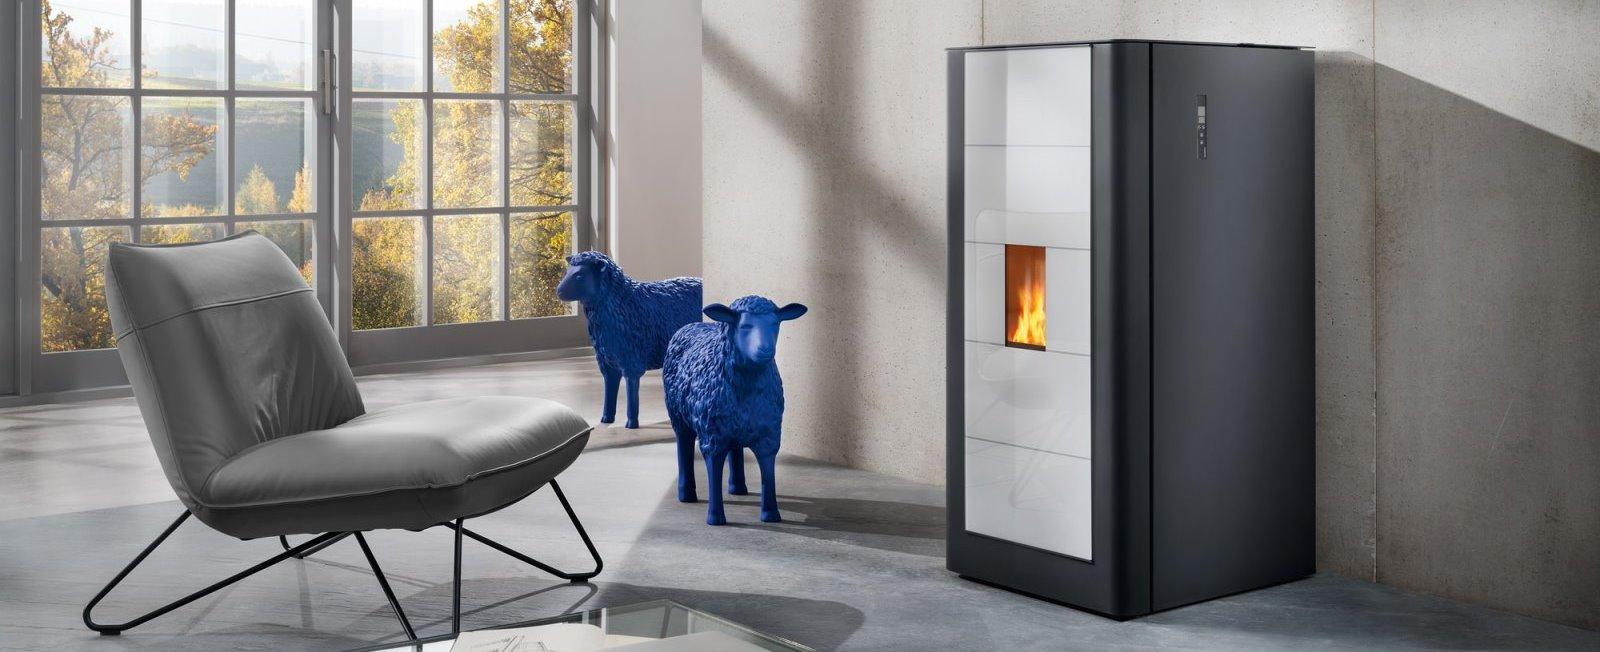 wodtke kamin fen und pellet fen. Black Bedroom Furniture Sets. Home Design Ideas